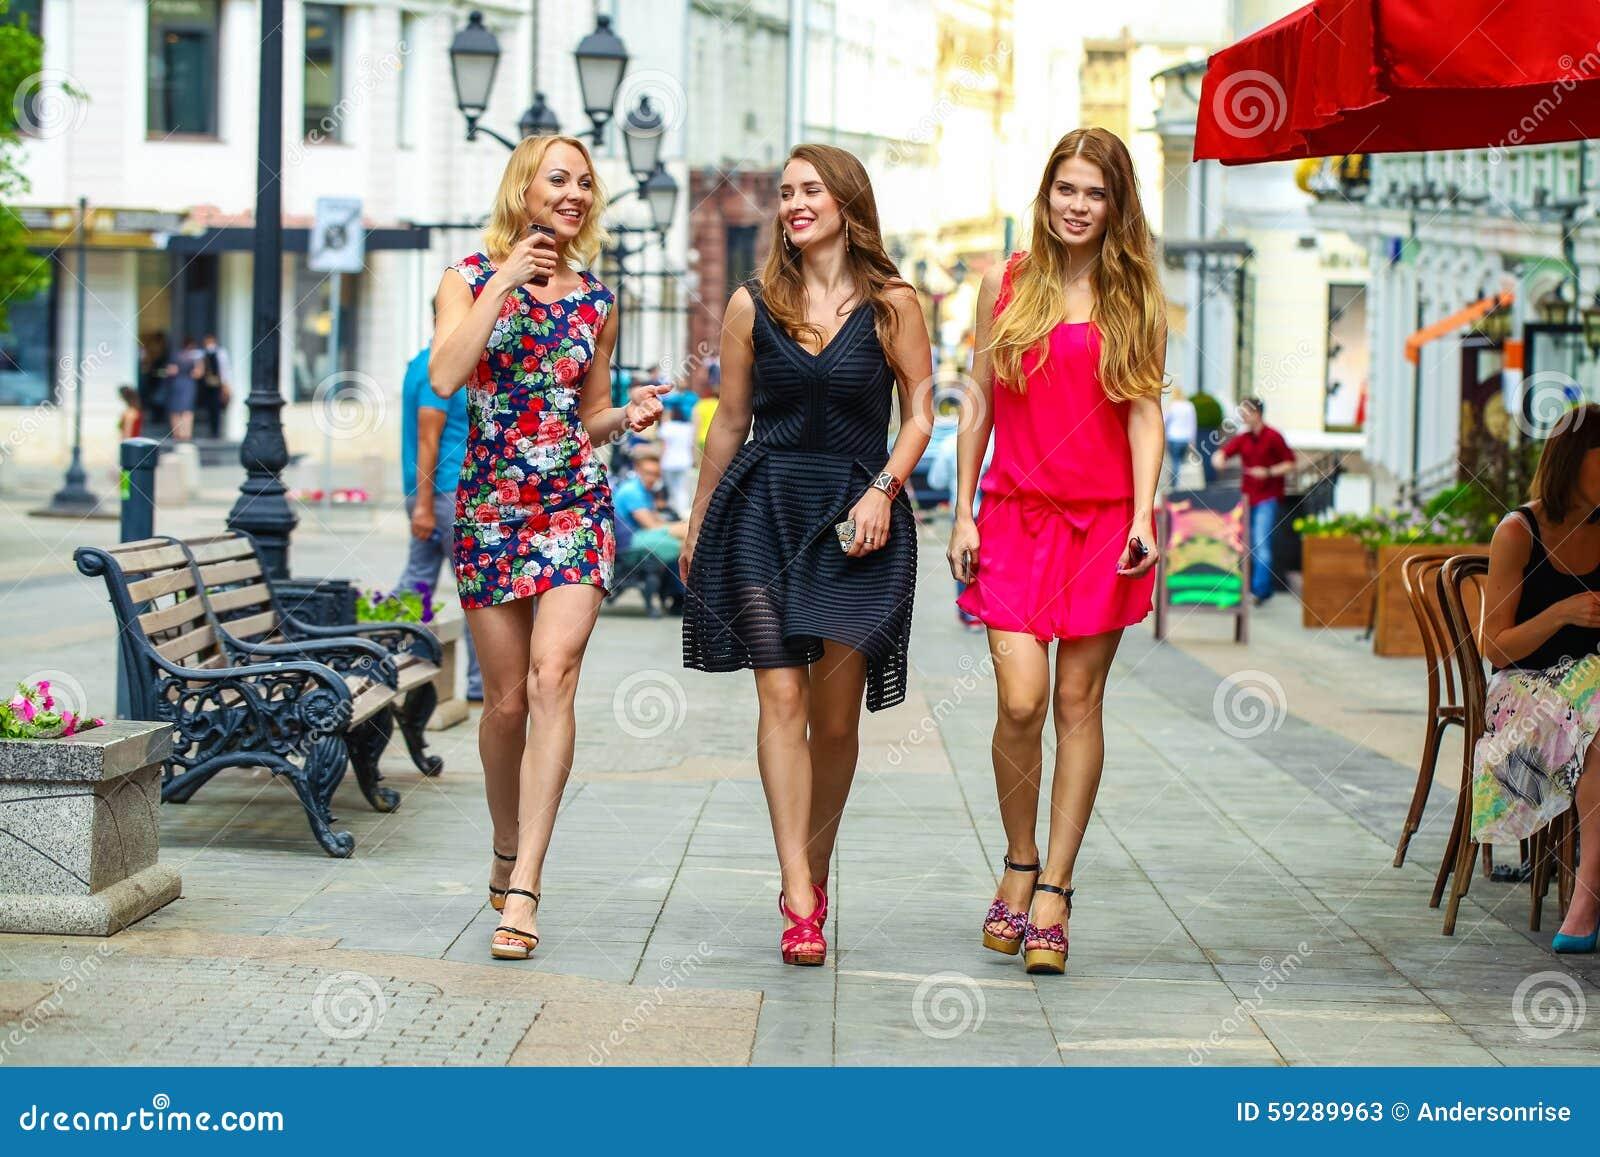 young thai girls jailbait